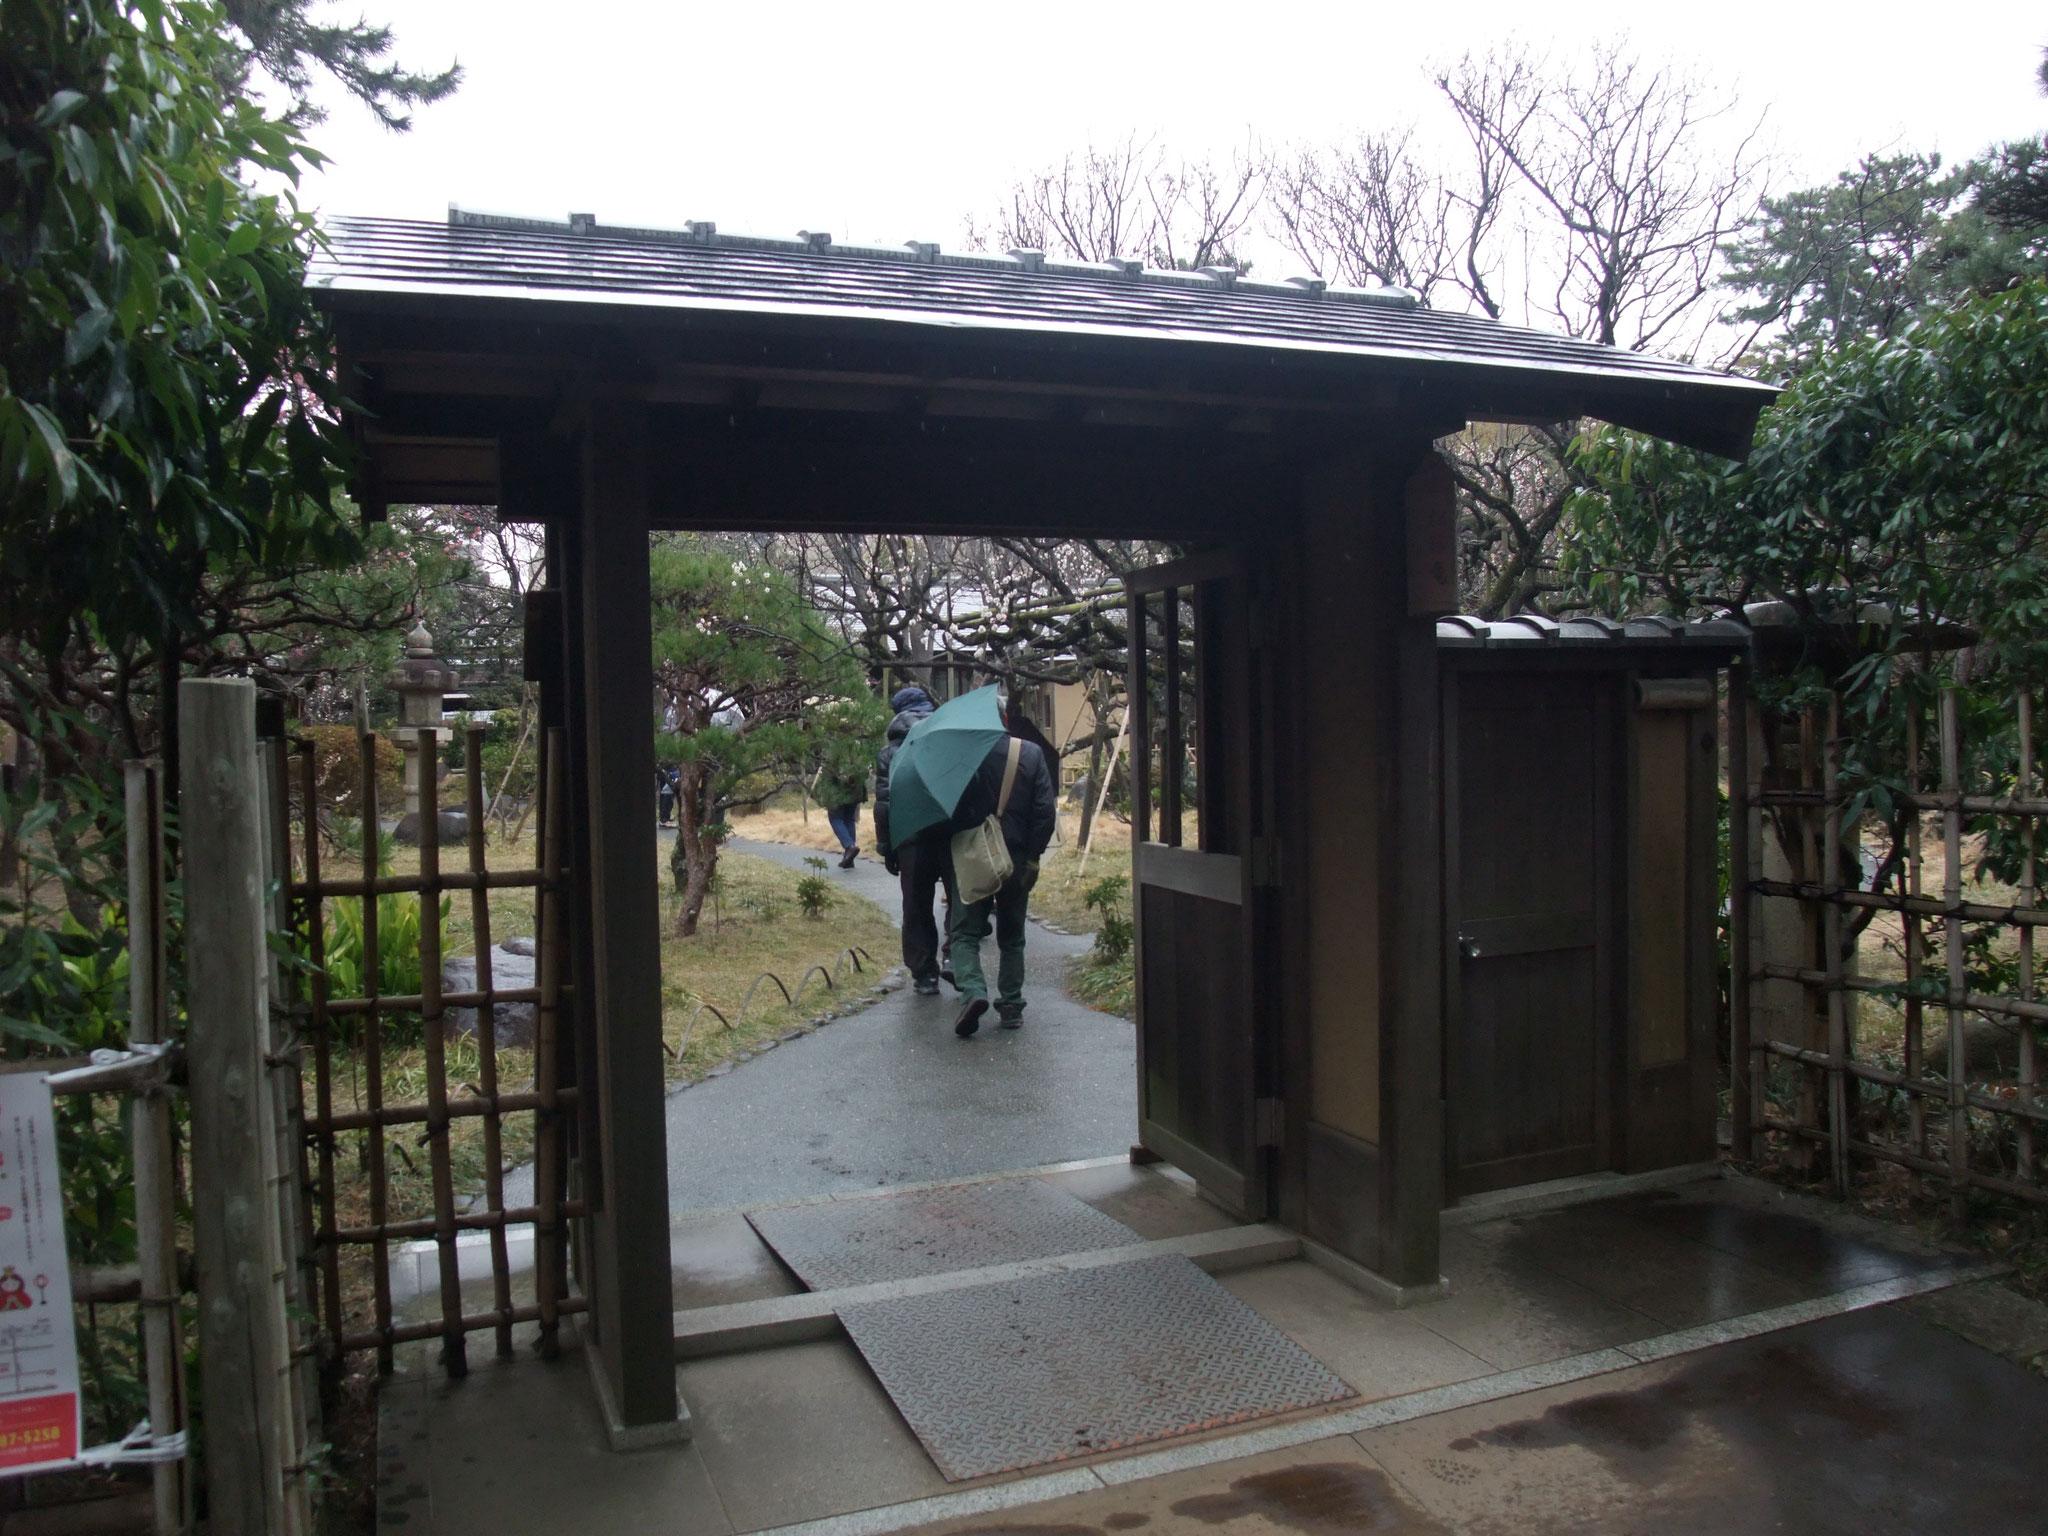 園内の松籟庵(しょうらいあん)の庭園を見学